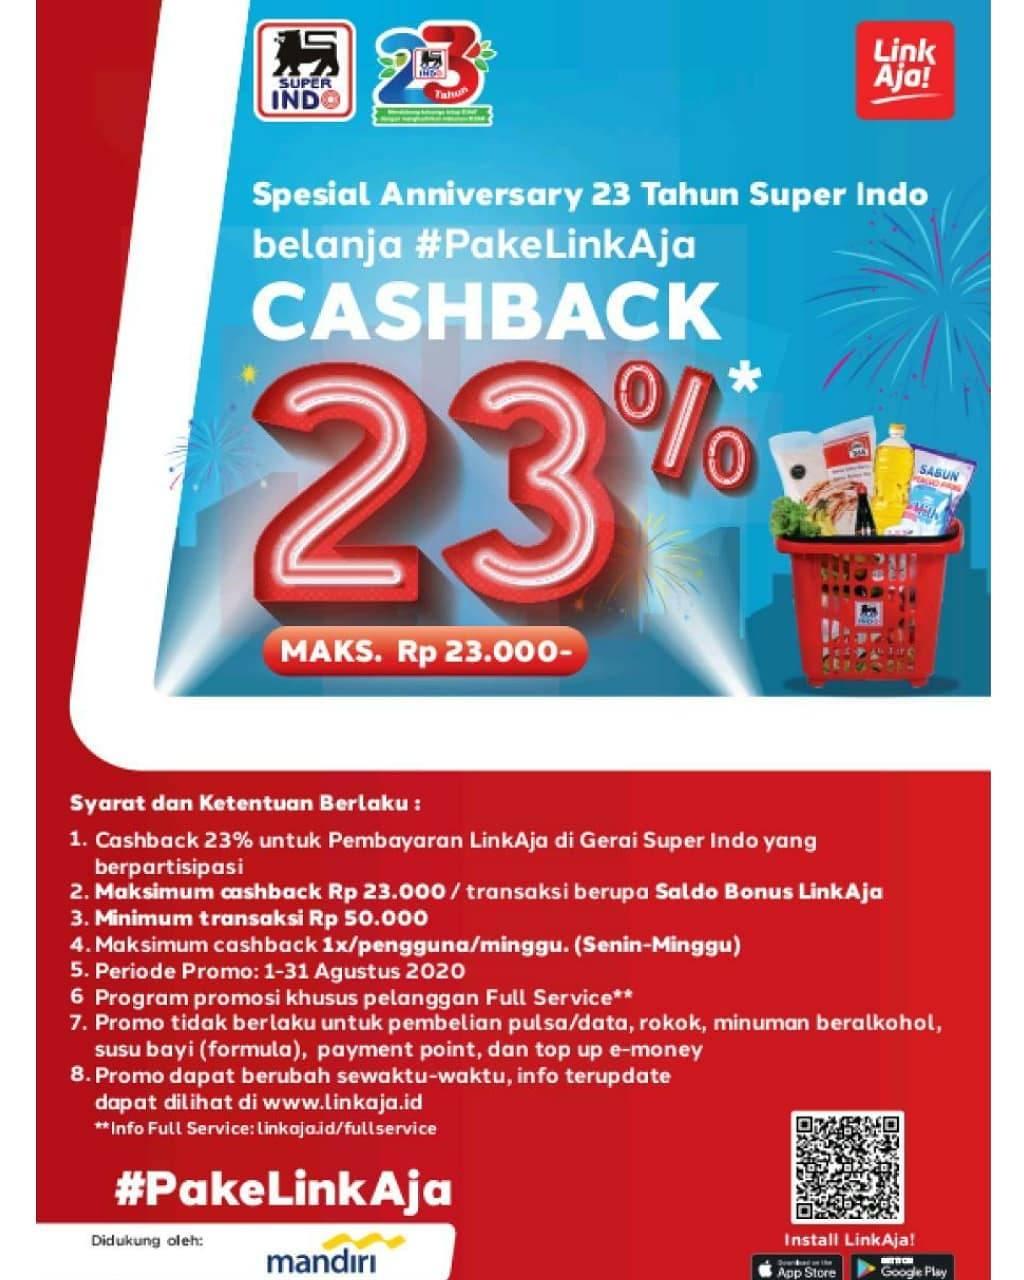 Diskon Promo Superindo Diskon 23% Hingga 23.000 Pake Linkaja